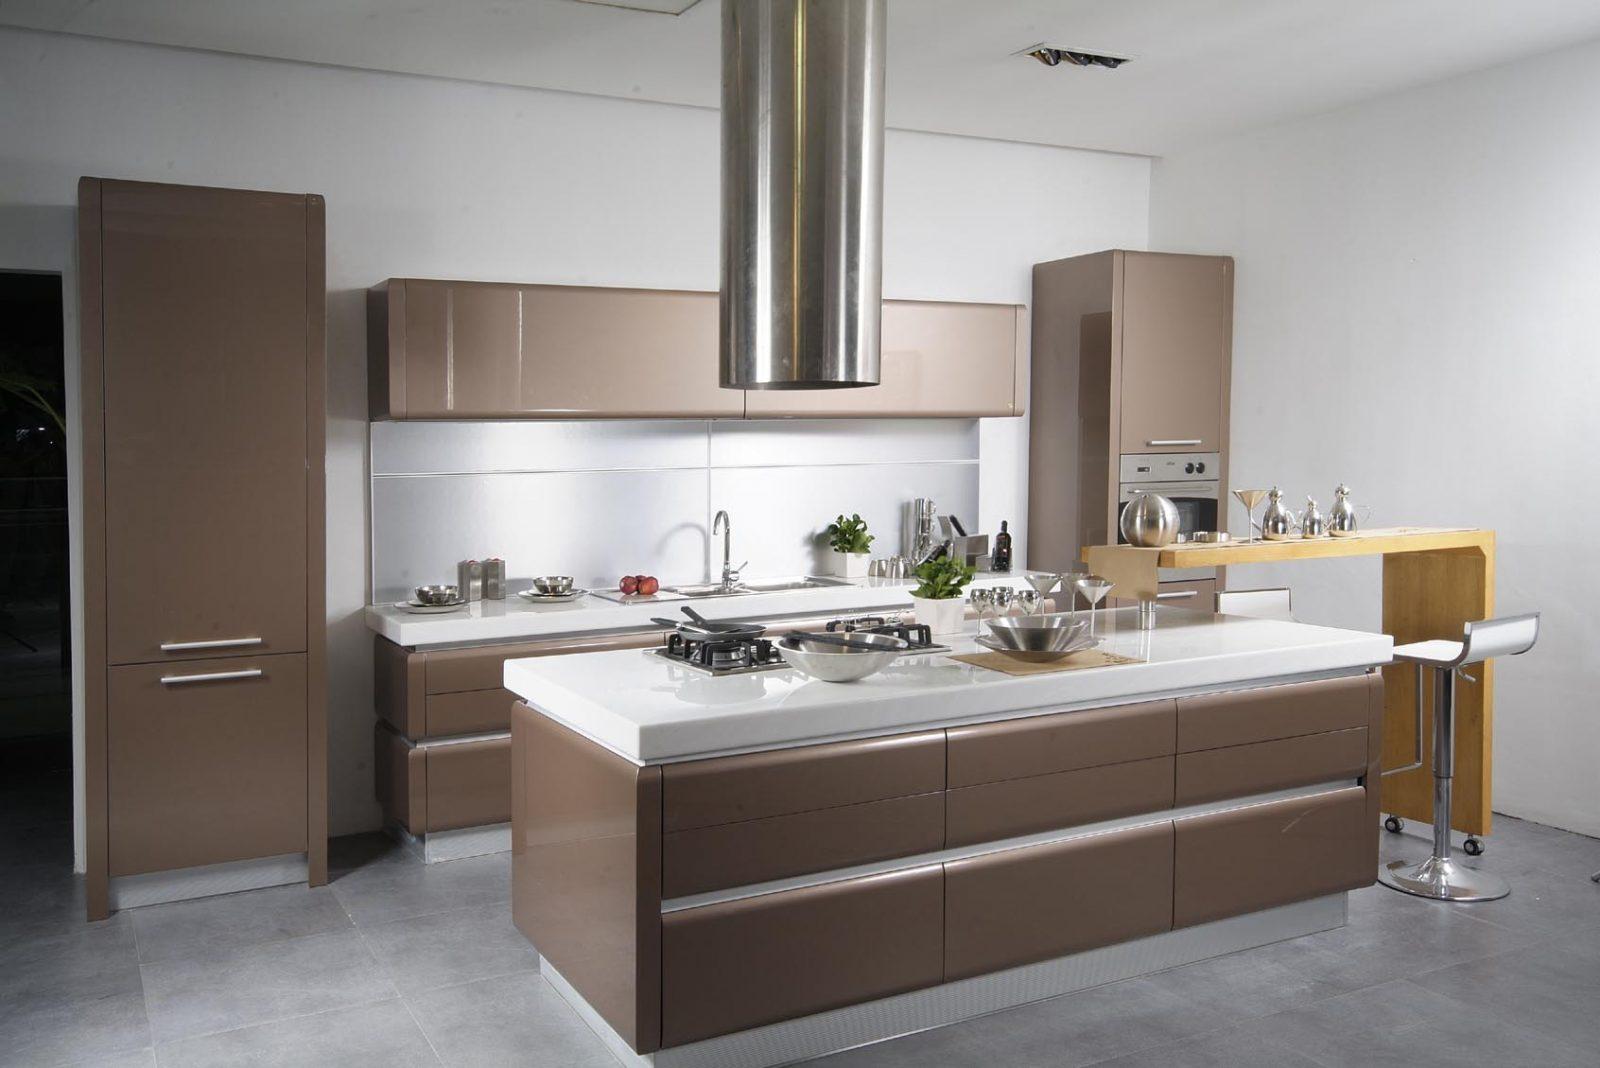 Módulos De Cocina Muebles Y Mobiliarios